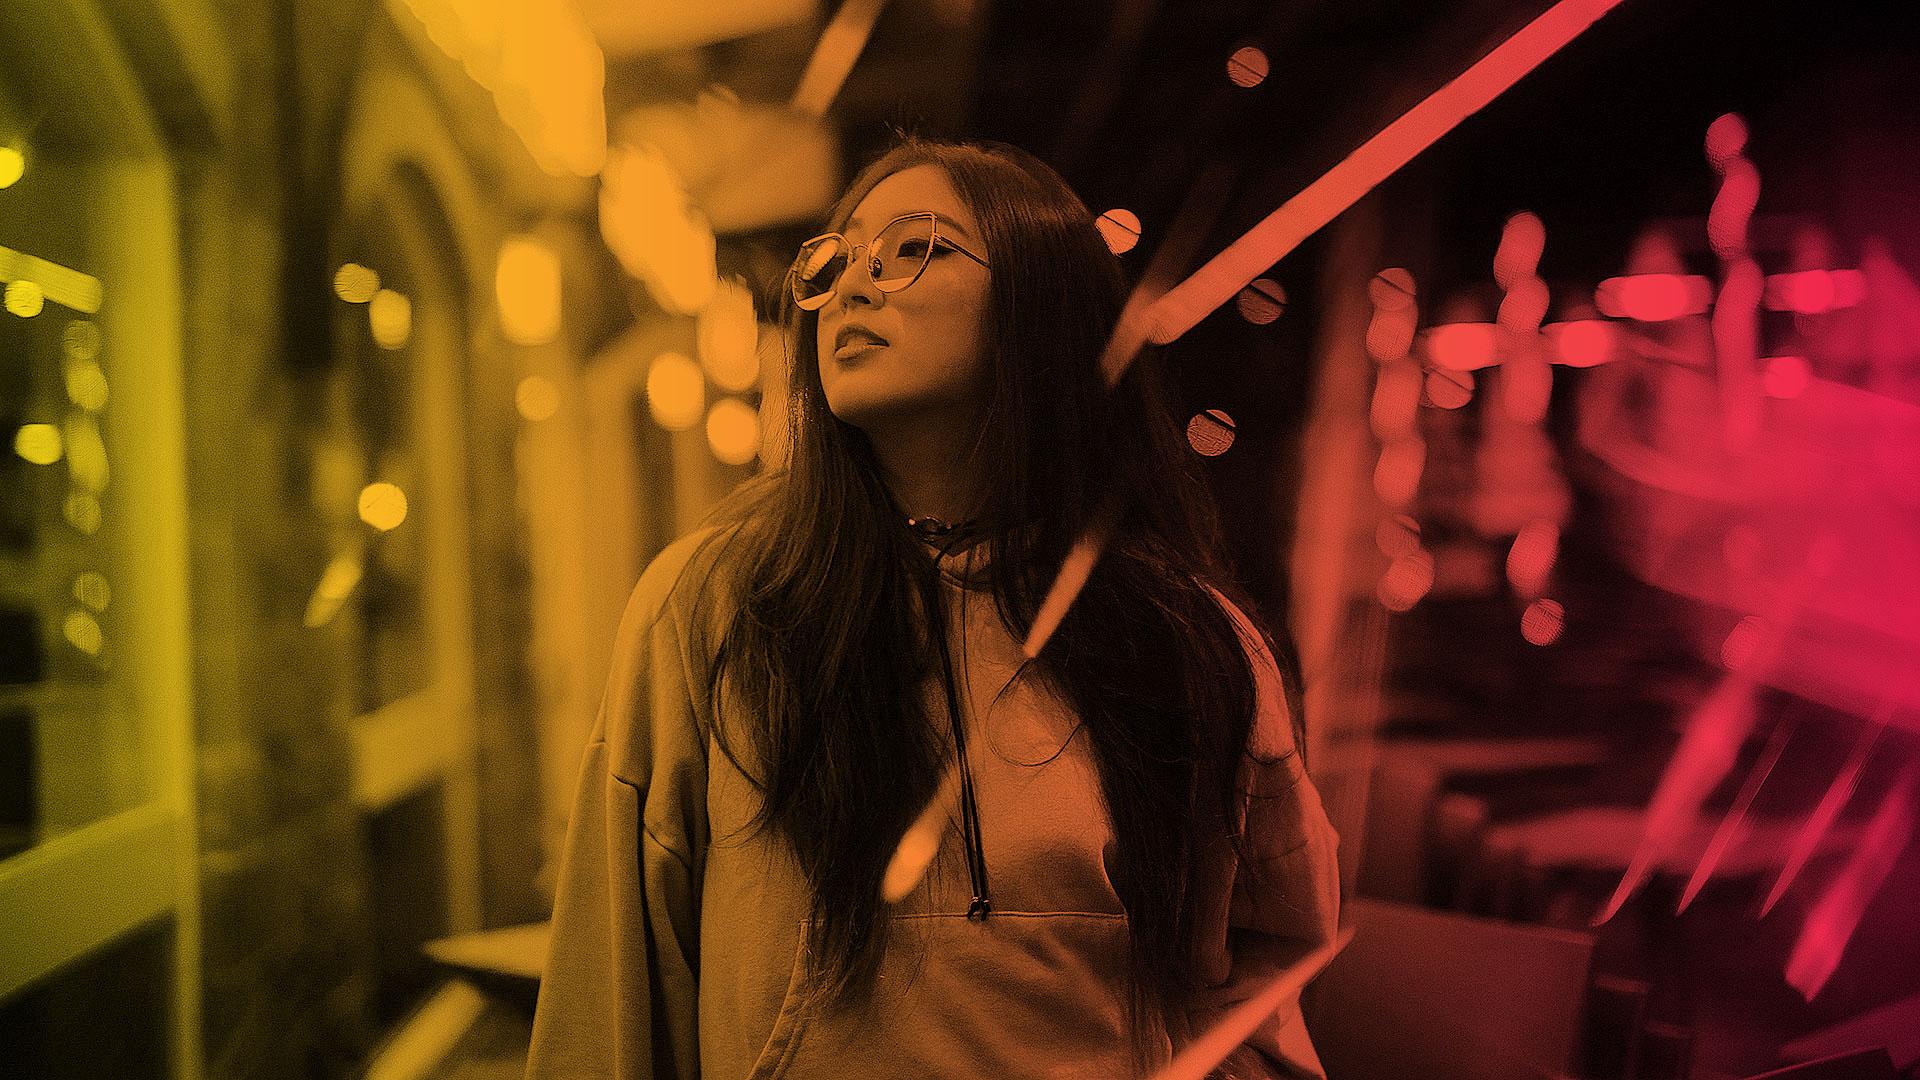 Junge Frau mit Brille in der U-Bahn, die nach rechts aus dem Fenster schaut